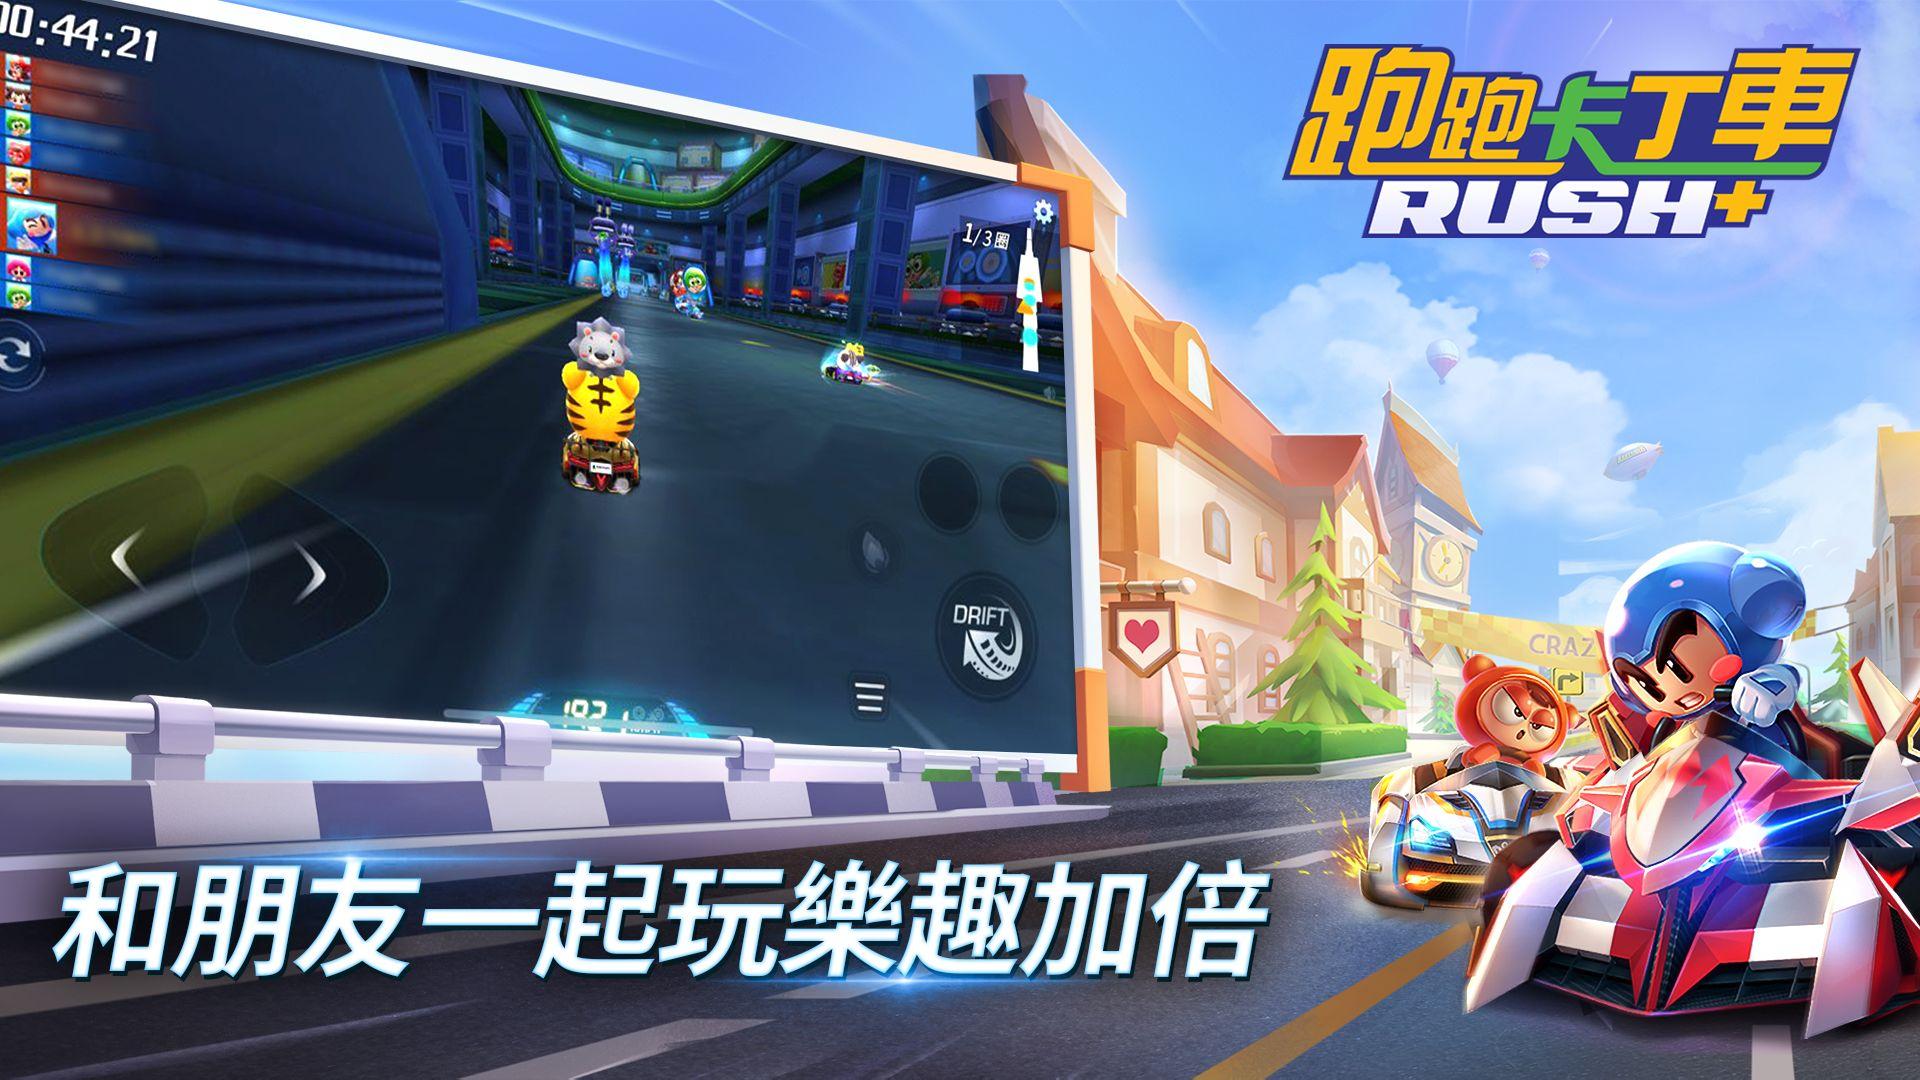 跑跑卡丁车 Rush+ 游戏截图4